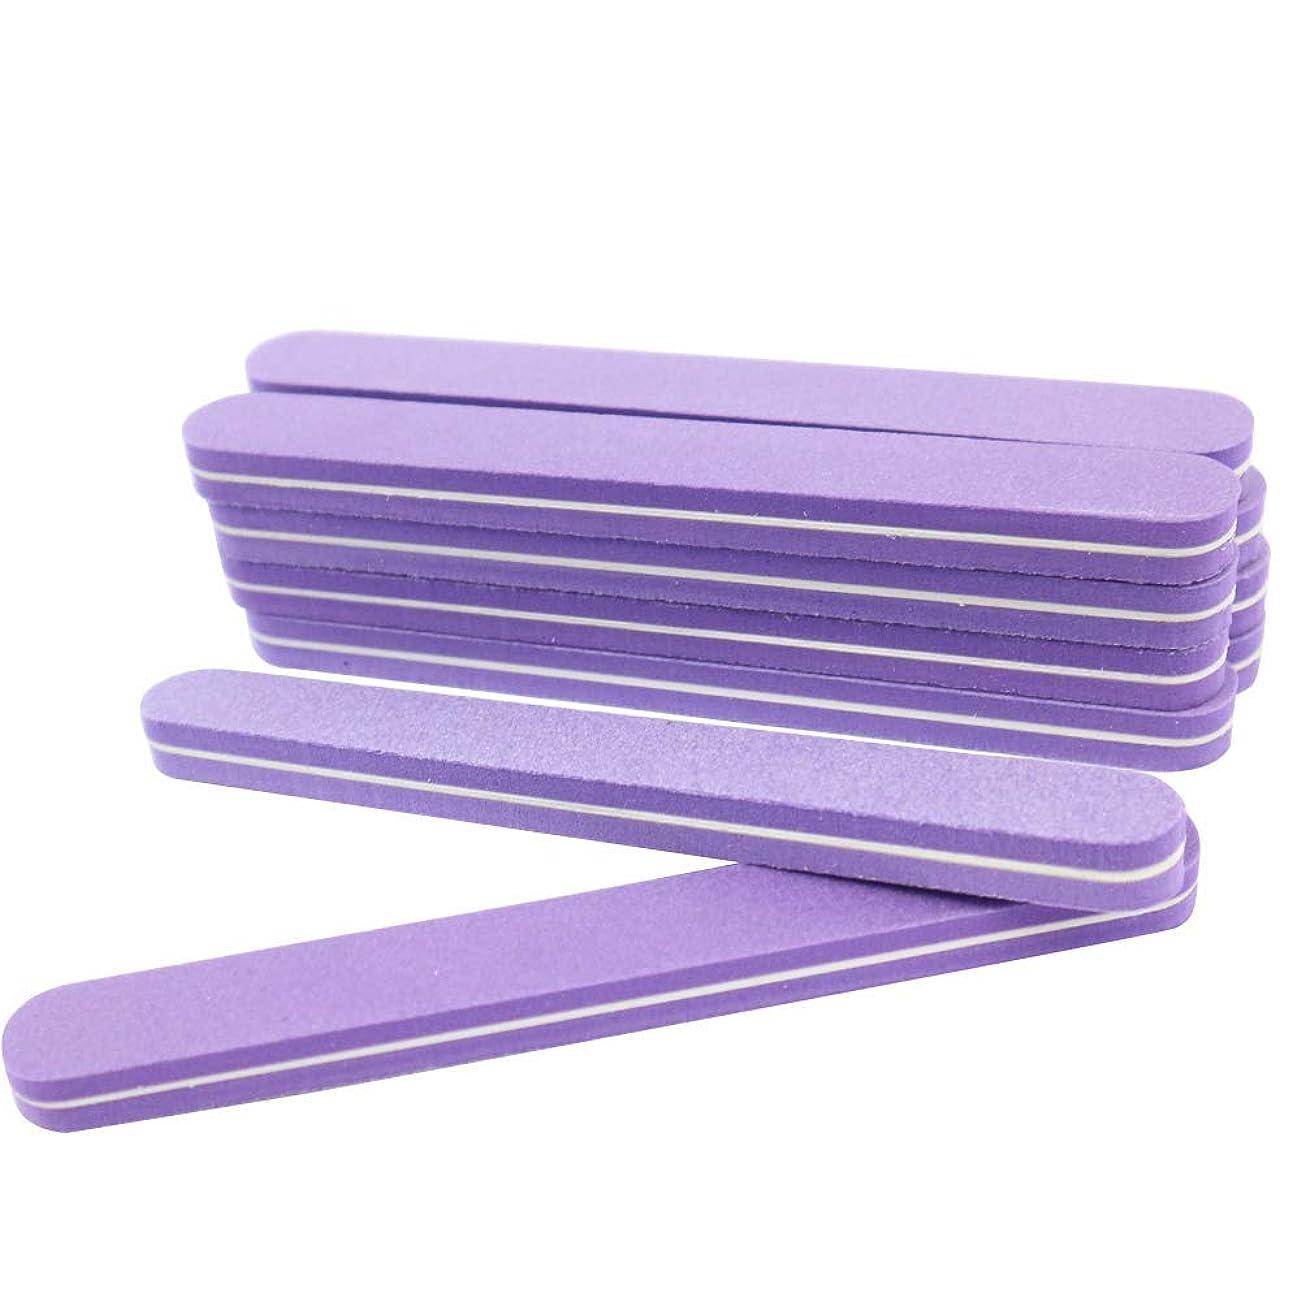 ペインビルマコミュニティ(値下げ)ネイル用 2WAYシャイナー 10本セット おうちで爪磨き 選べる2タイプ (形状:ストレート)